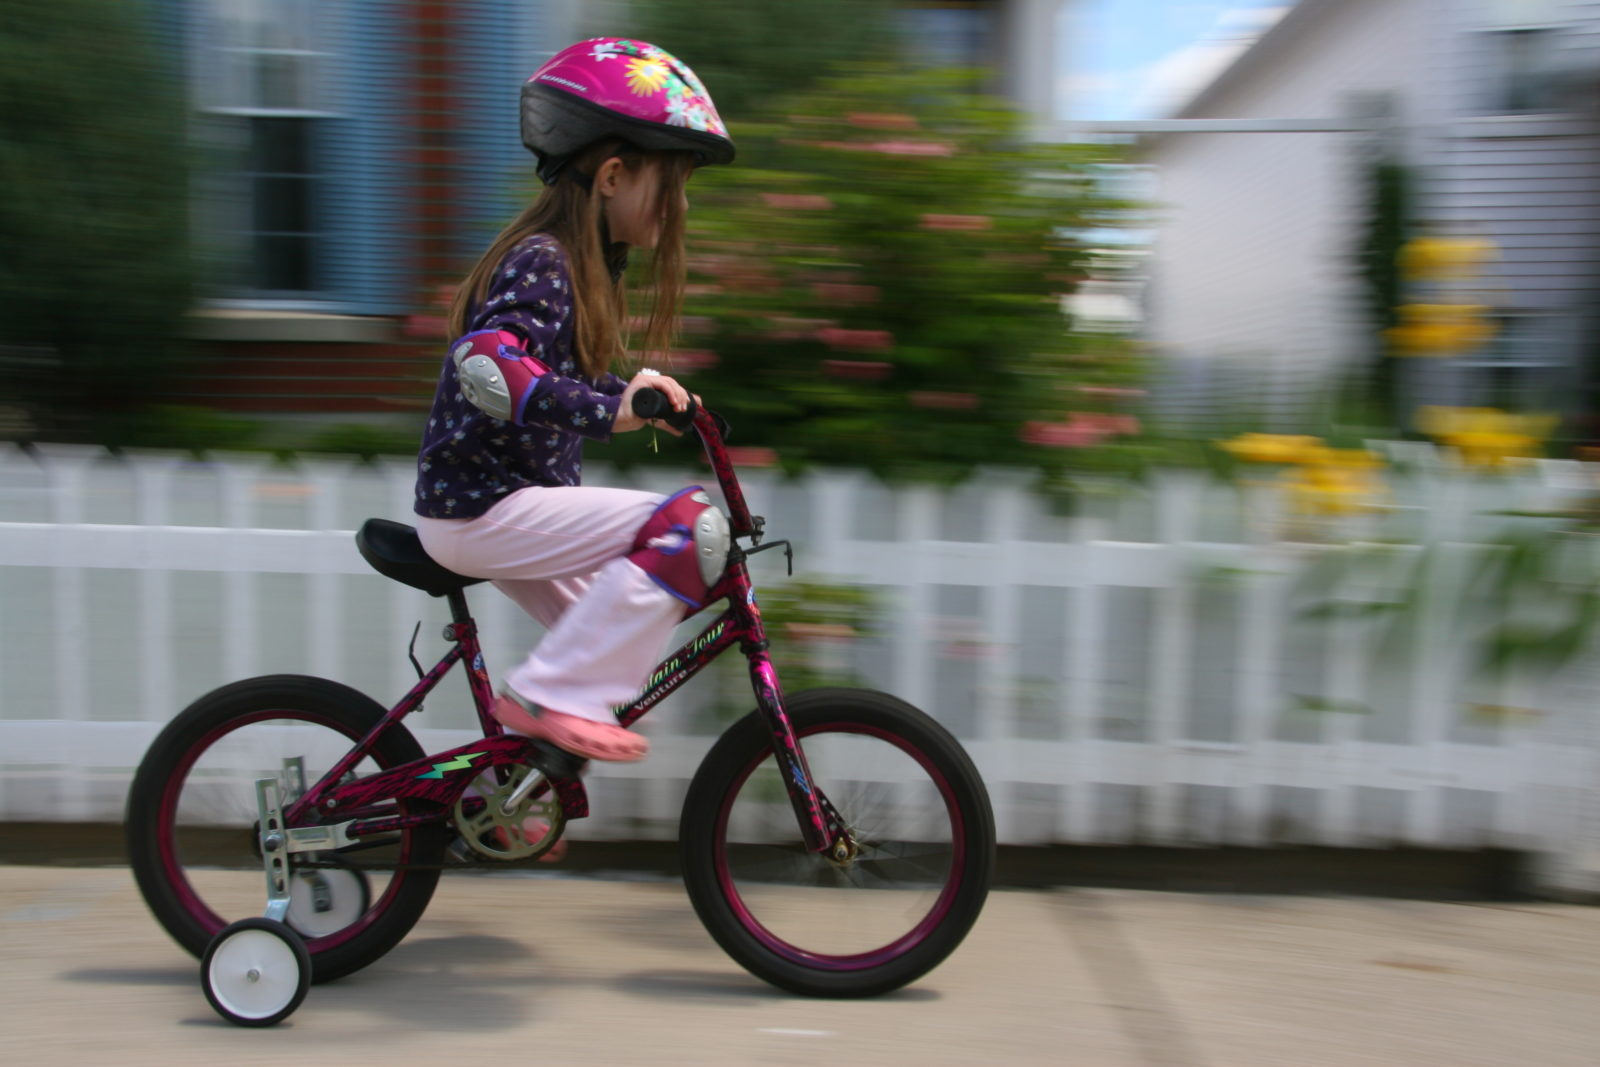 Na rowerze z dzieckiem - Jak bezpiecznie jeździć na rowerze z dzieckiem